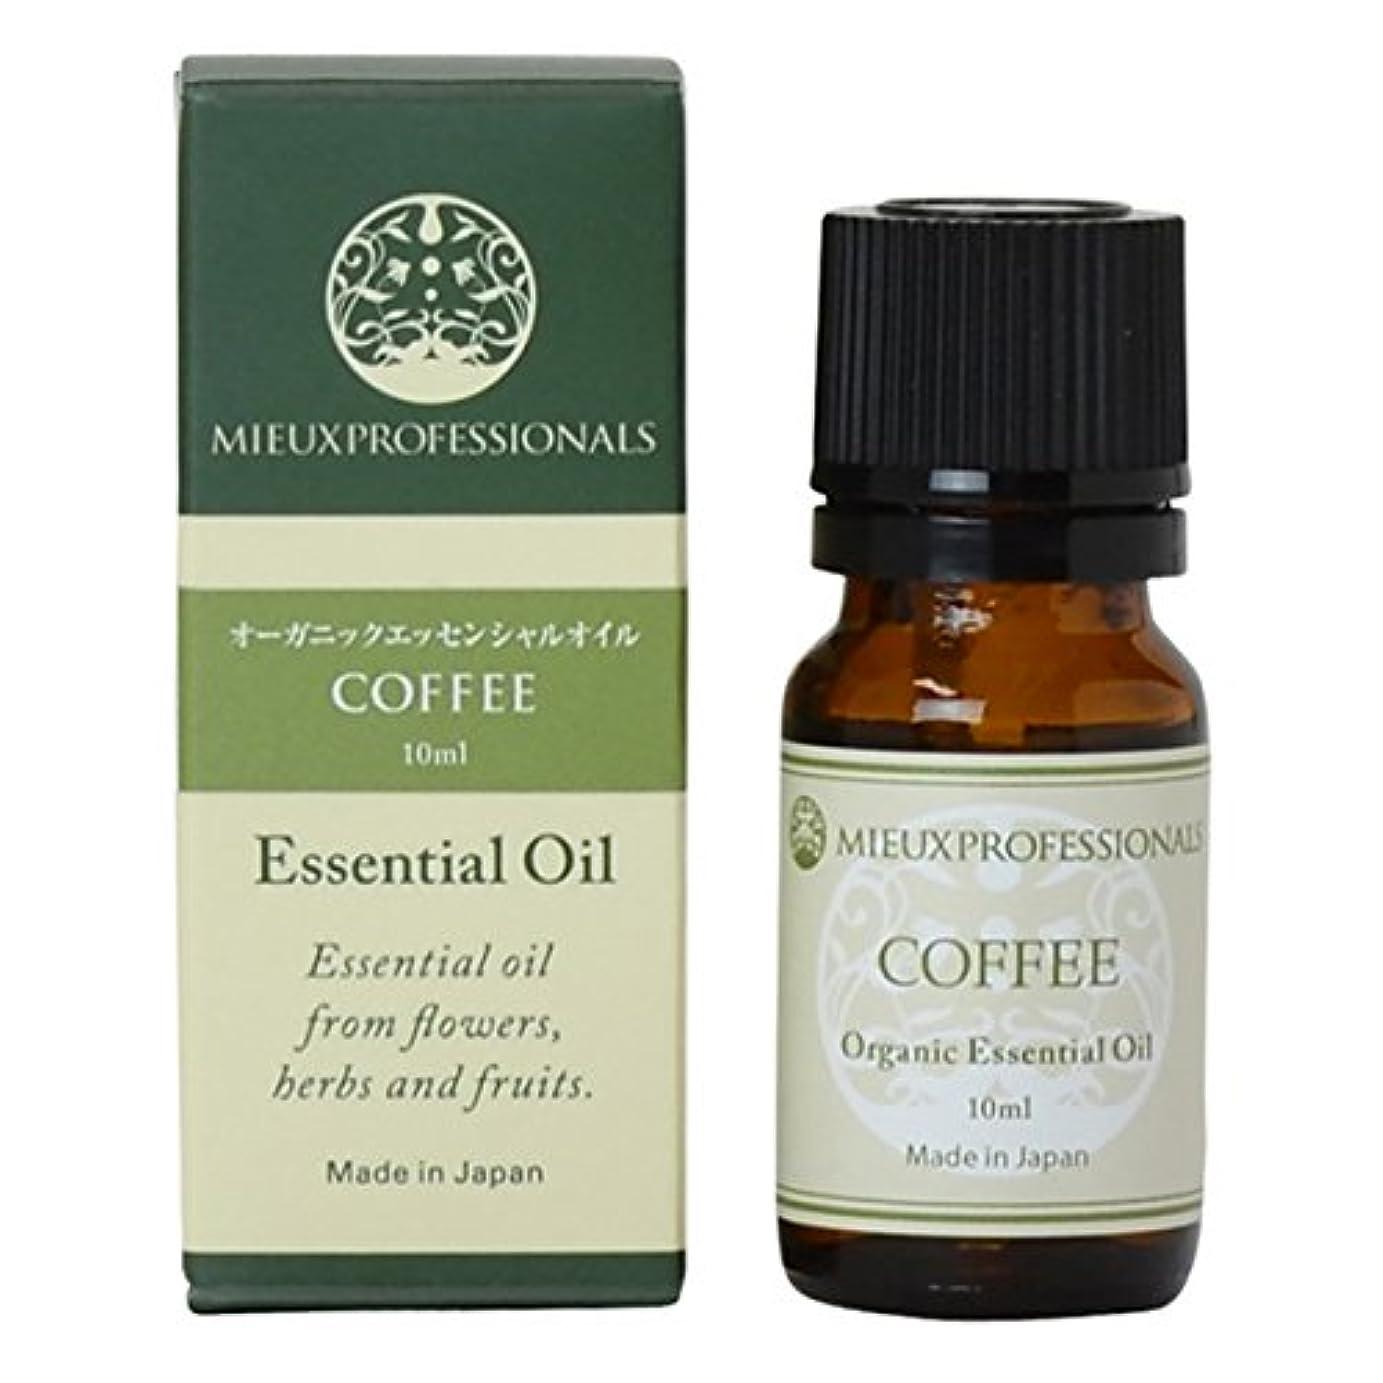 ジーンズ蘇生するママオーガニックCO2エキストラクト コーヒー 10ml